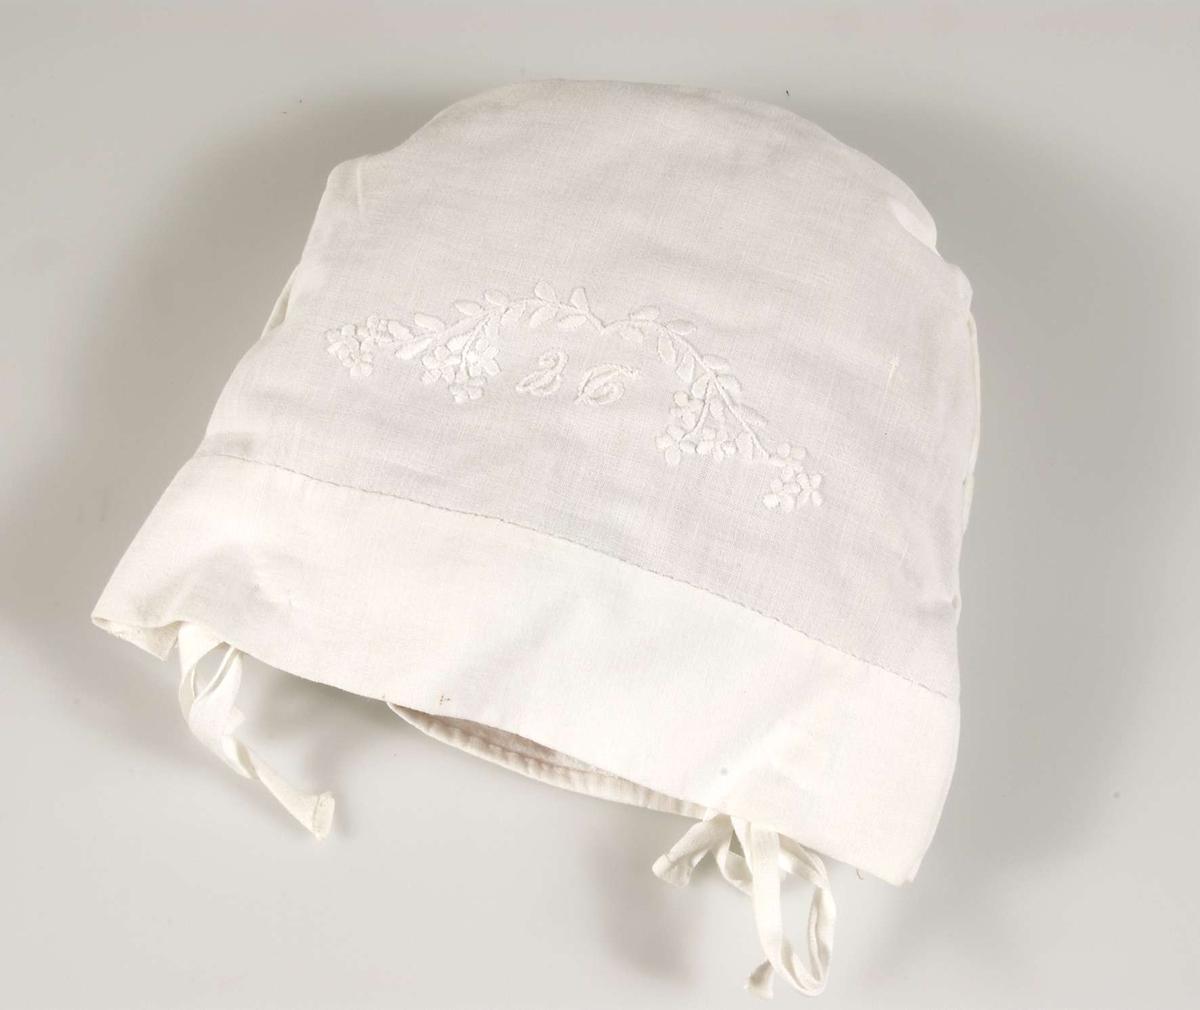 Kudde ingående i sängkläder till docksäng (vagga UM40571). Röd, rund, stoppad innerkudde med vitt, broderat örngott. Initialerna EC broderat på örngottet. Till sängkläderna hör också täcke, underlakan och madrass (UM40573a, c-d).